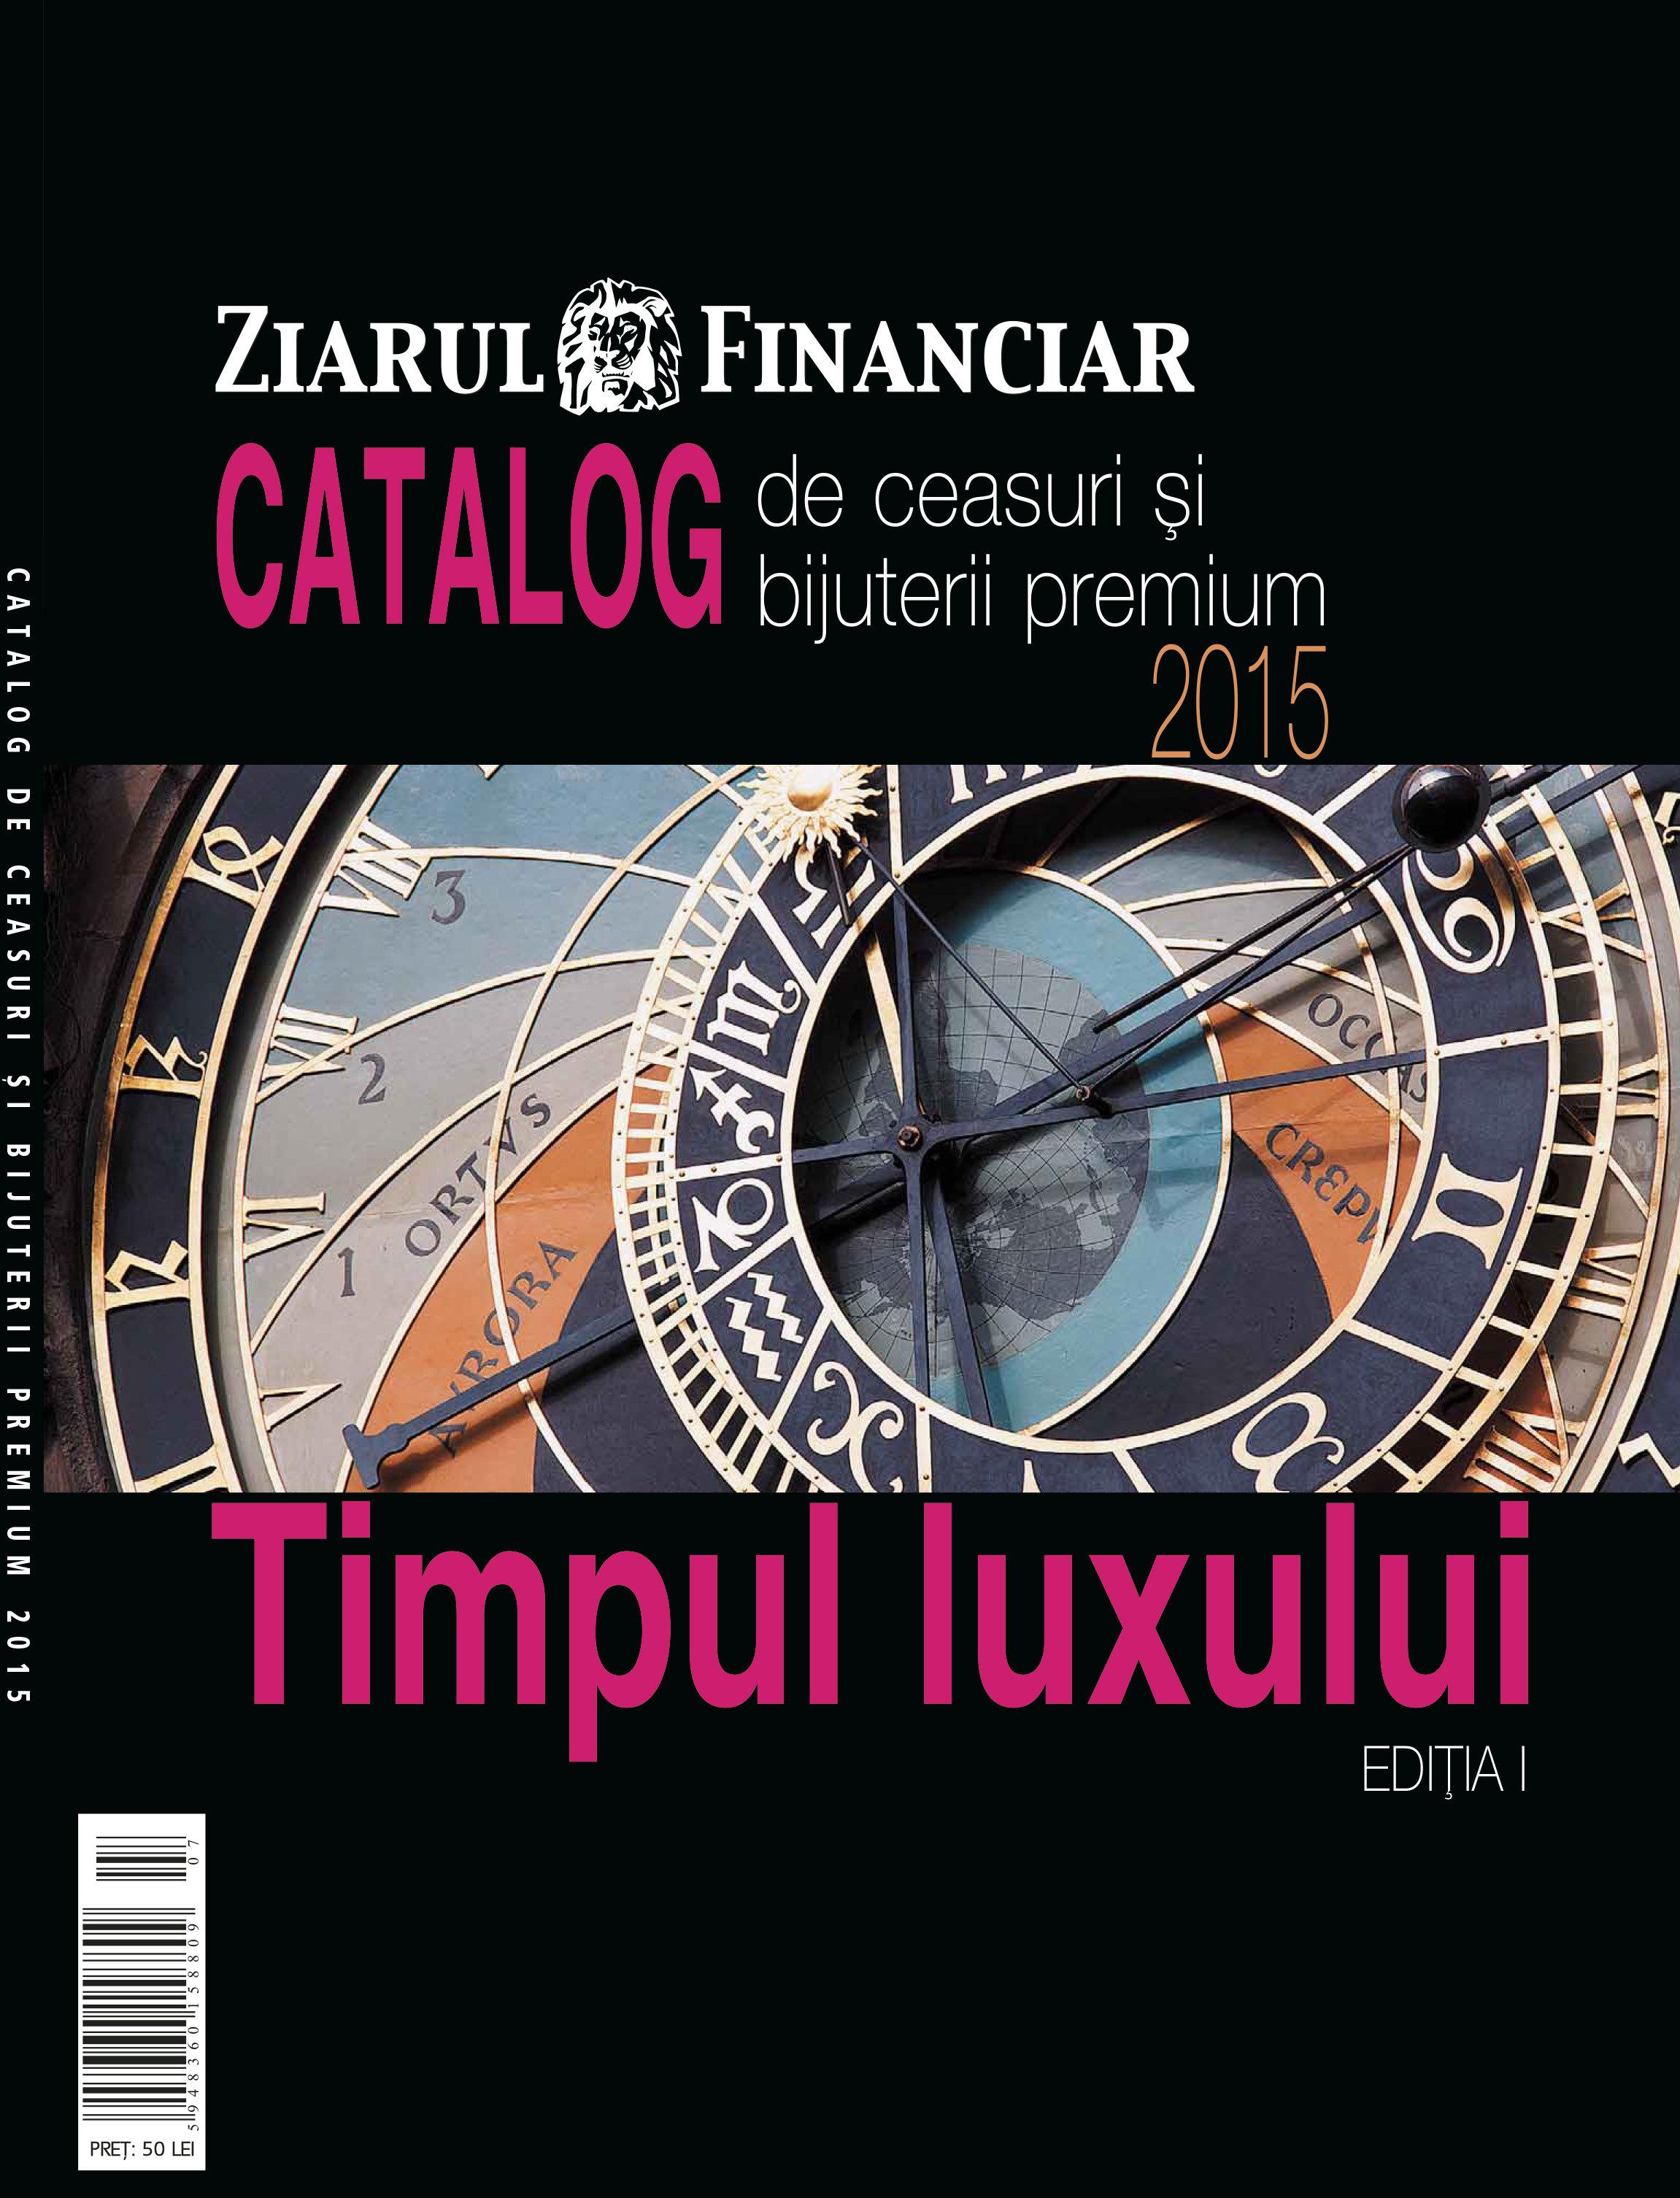 Cum se alege ceasul perfect? Aflaţi din primul catalog de ceasuri şi bijuterii premium, Timpul Luxului, editat de ZF